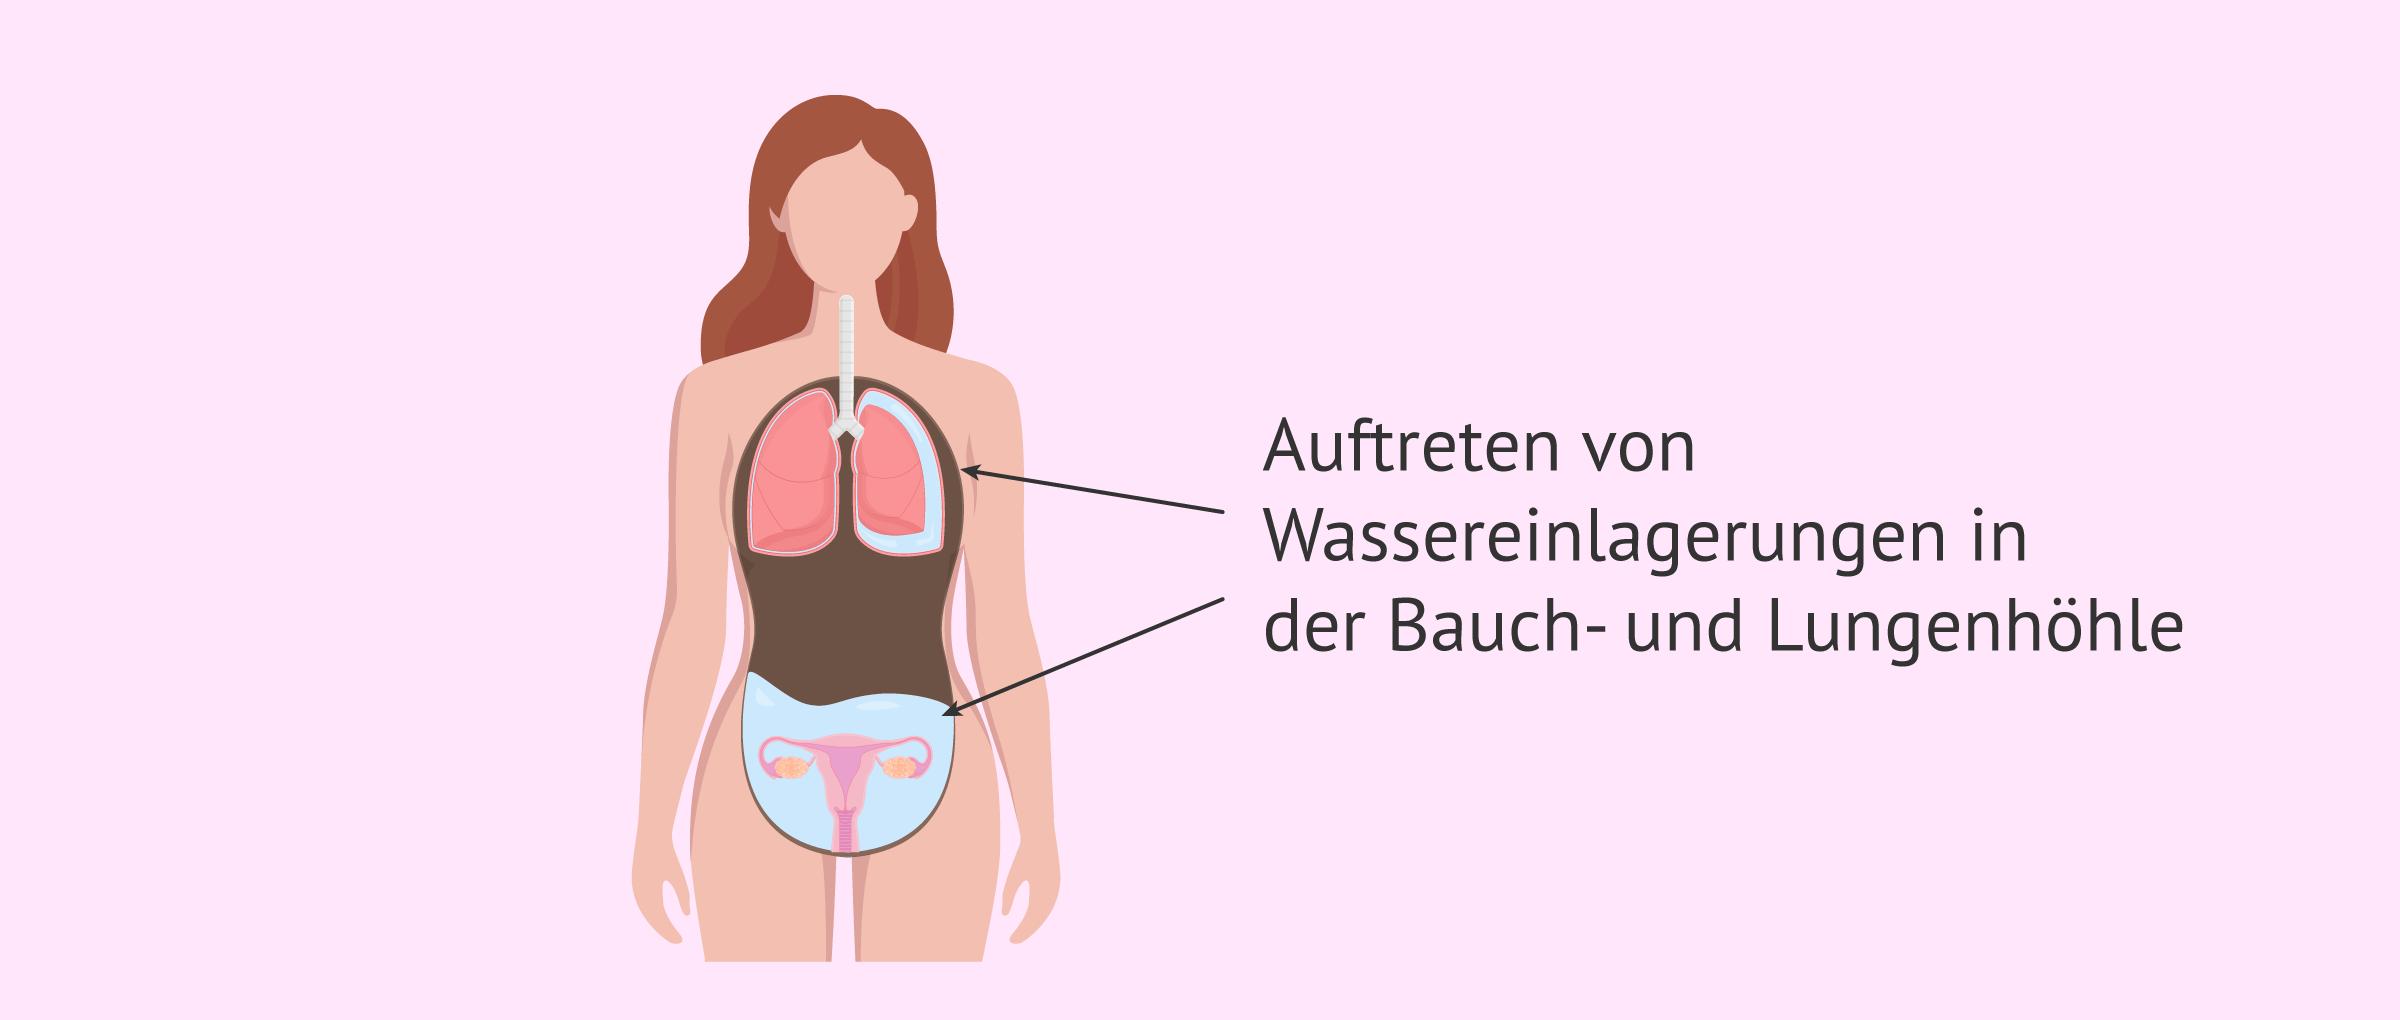 Wassereinlagerungen in der Bauchhöhle durch OHSS